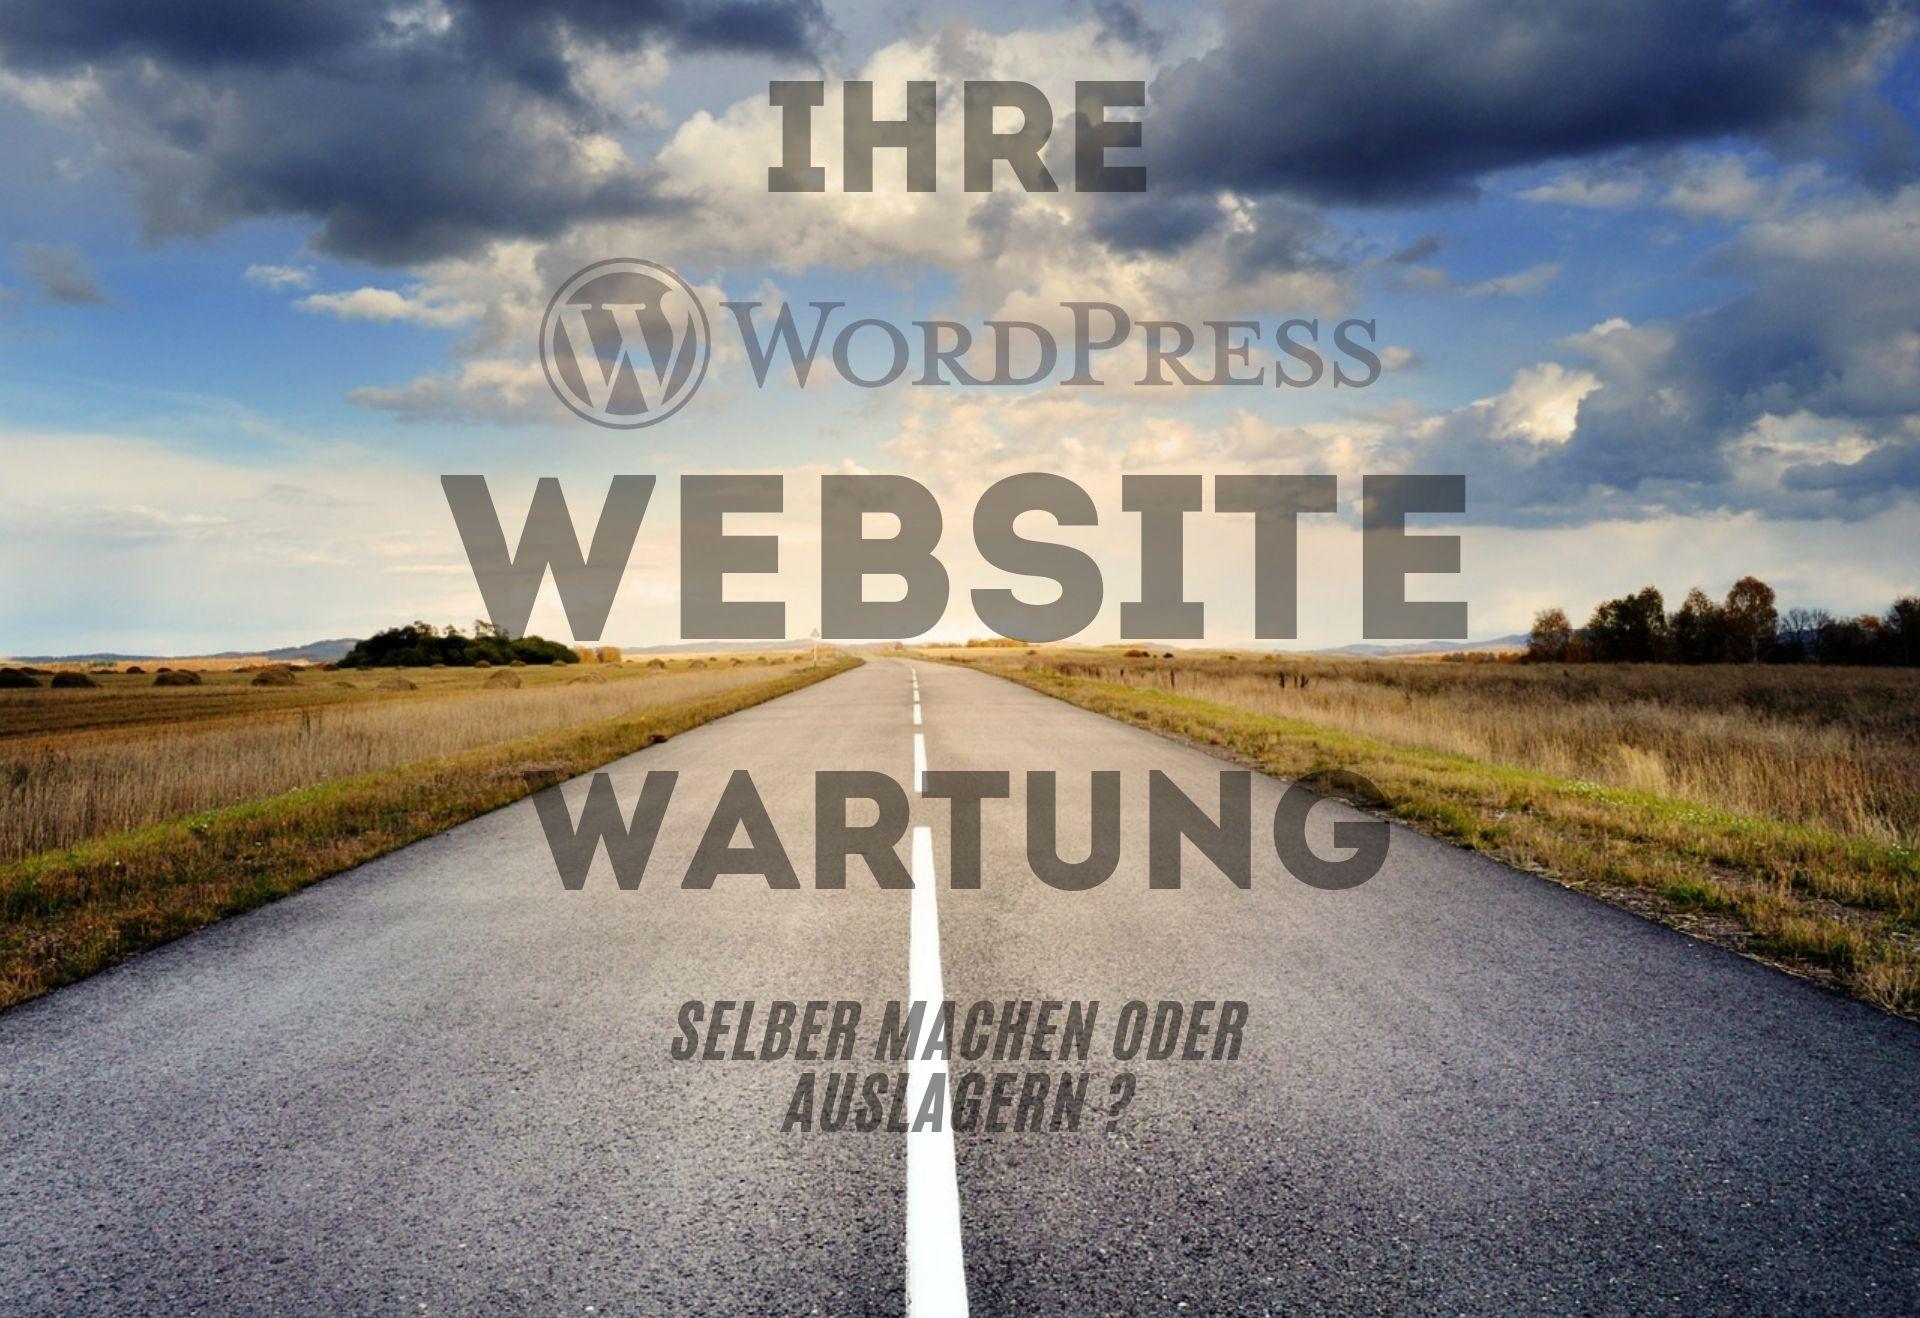 Wordpress Website Wartung - selber machen oder auslagern?